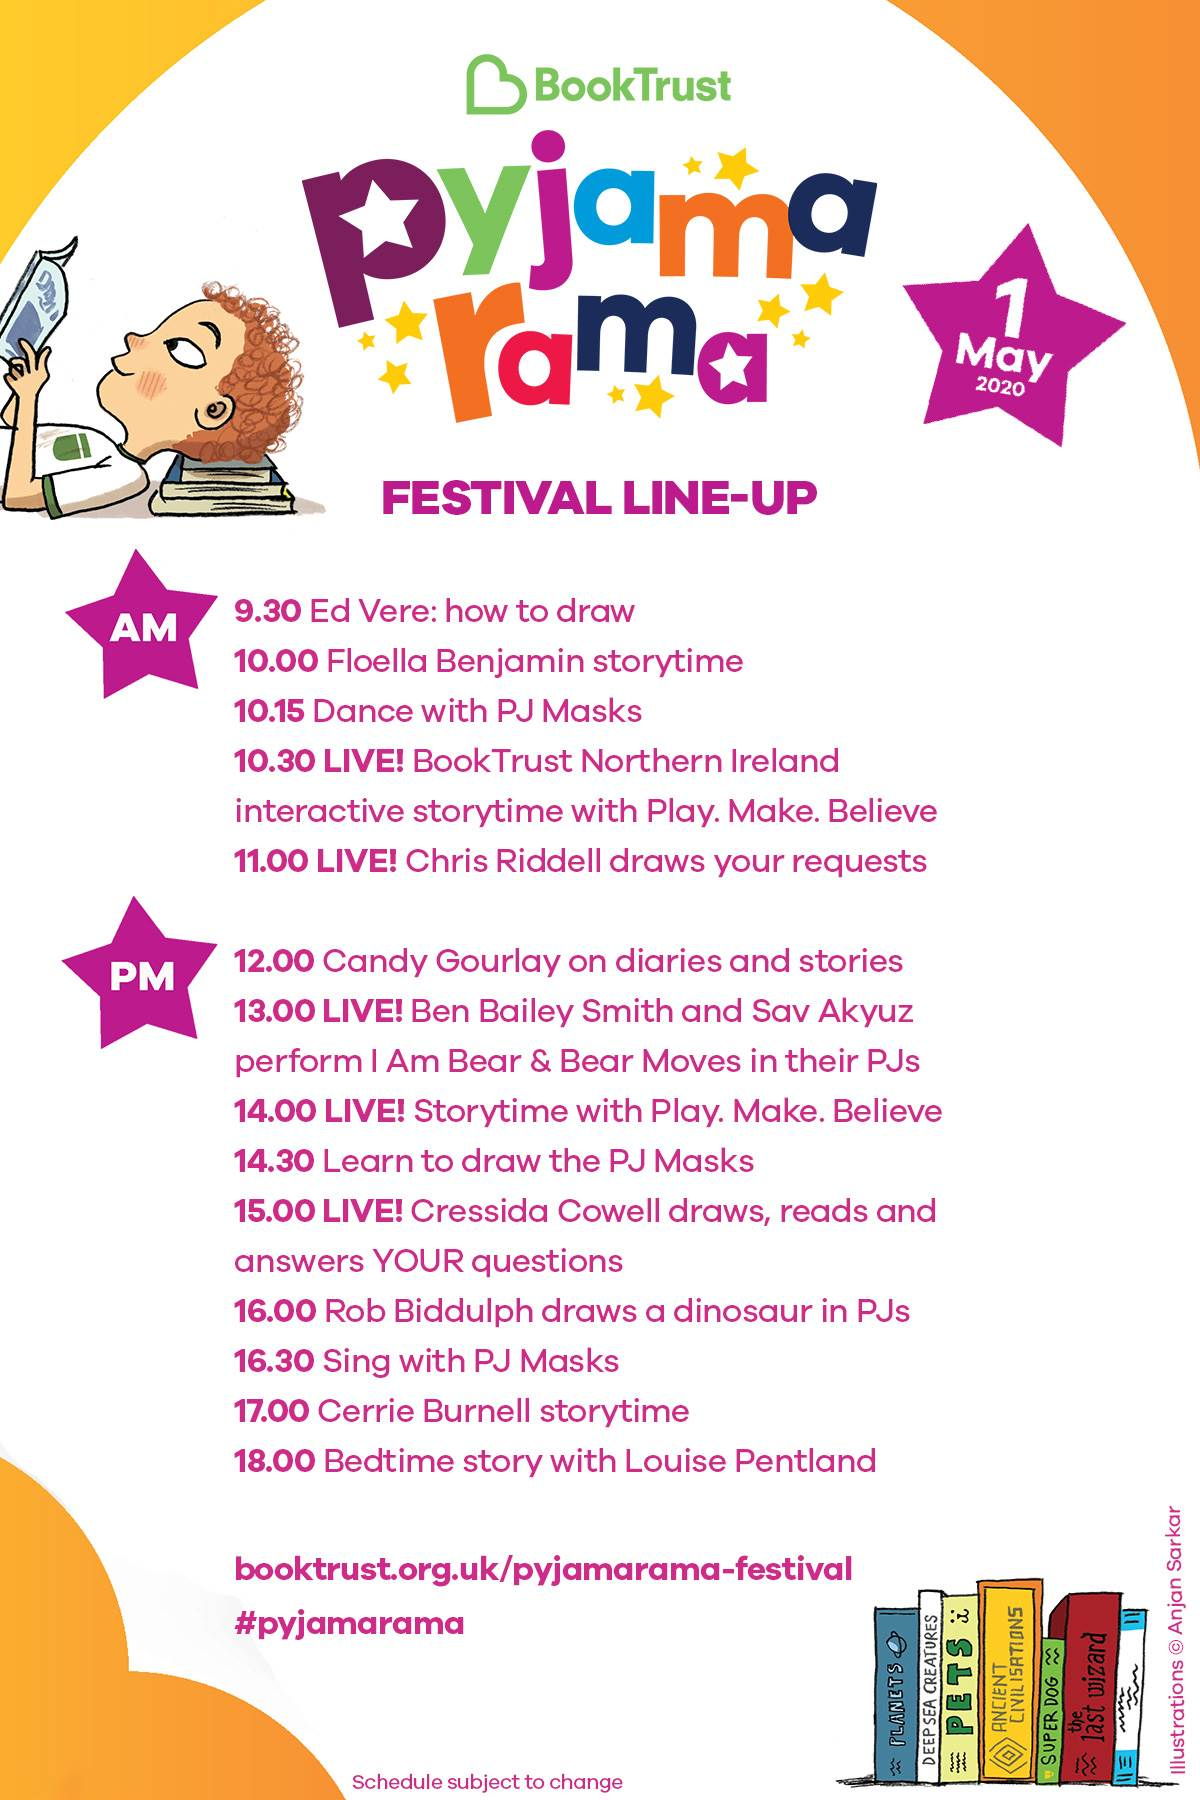 Pyjamarama festival line-up